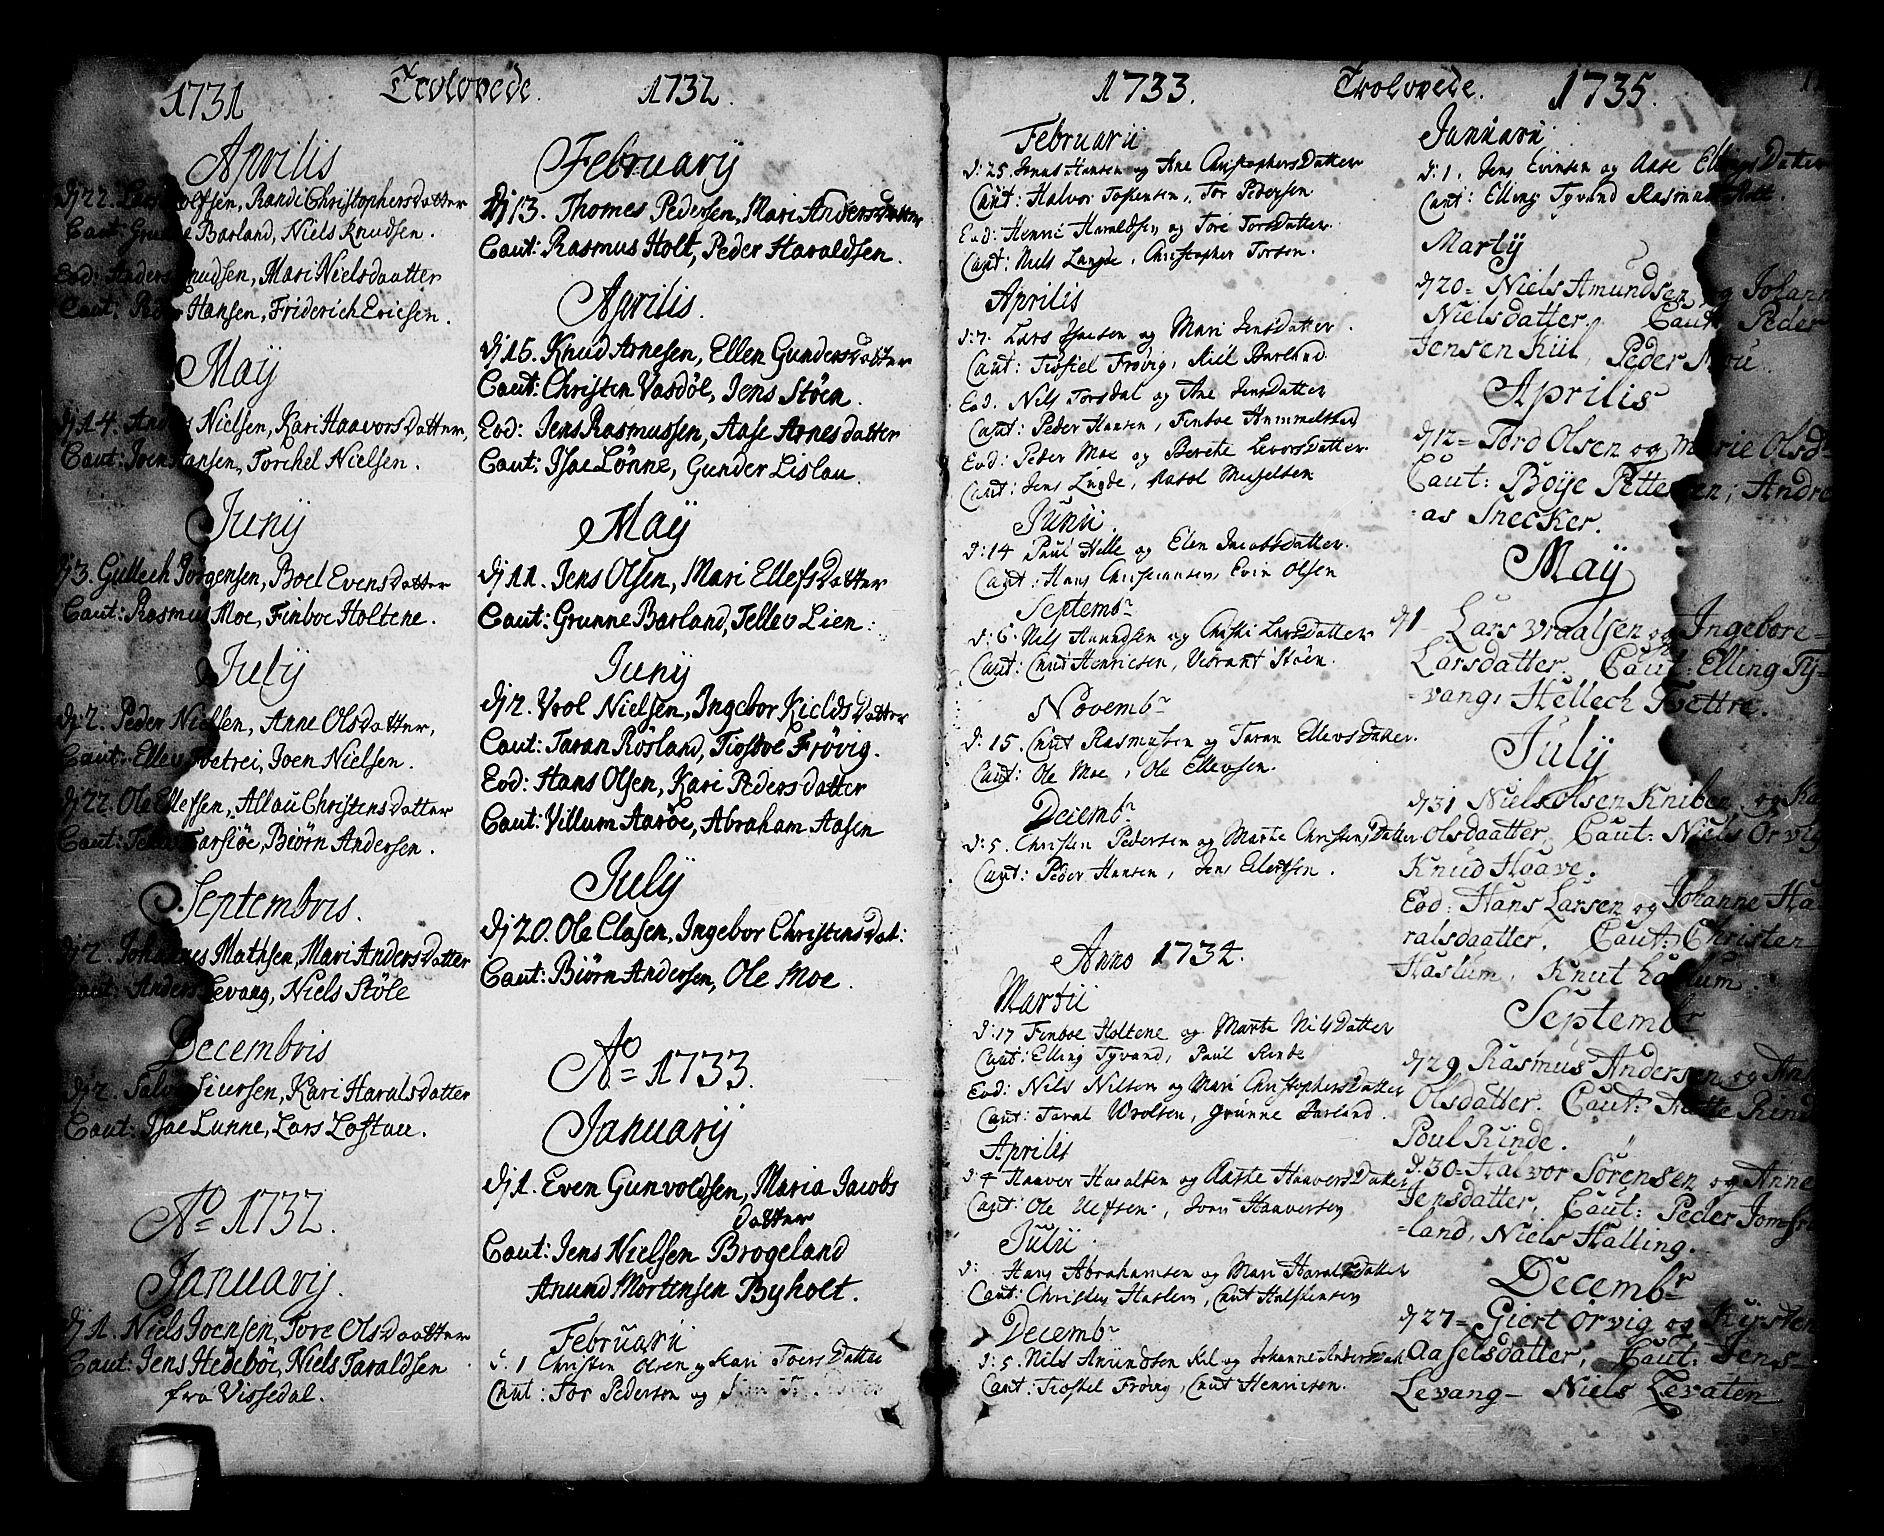 SAKO, Sannidal kirkebøker, F/Fa/L0001: Ministerialbok nr. 1, 1702-1766, s. 10-11